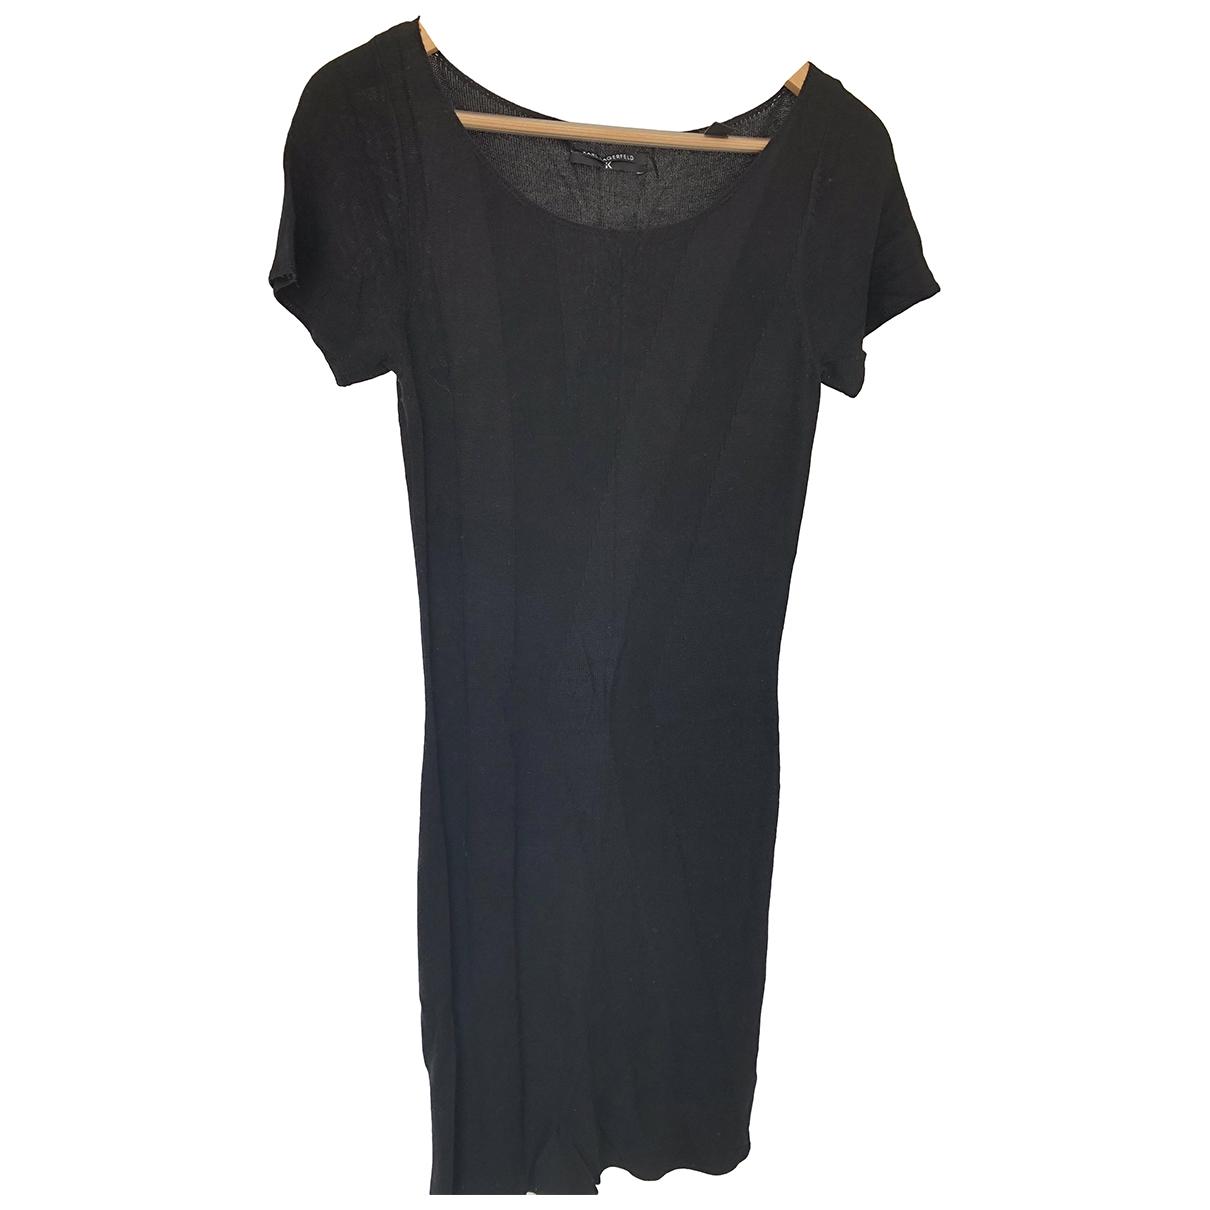 Karl Lagerfeld \N Black dress for Women 40 IT